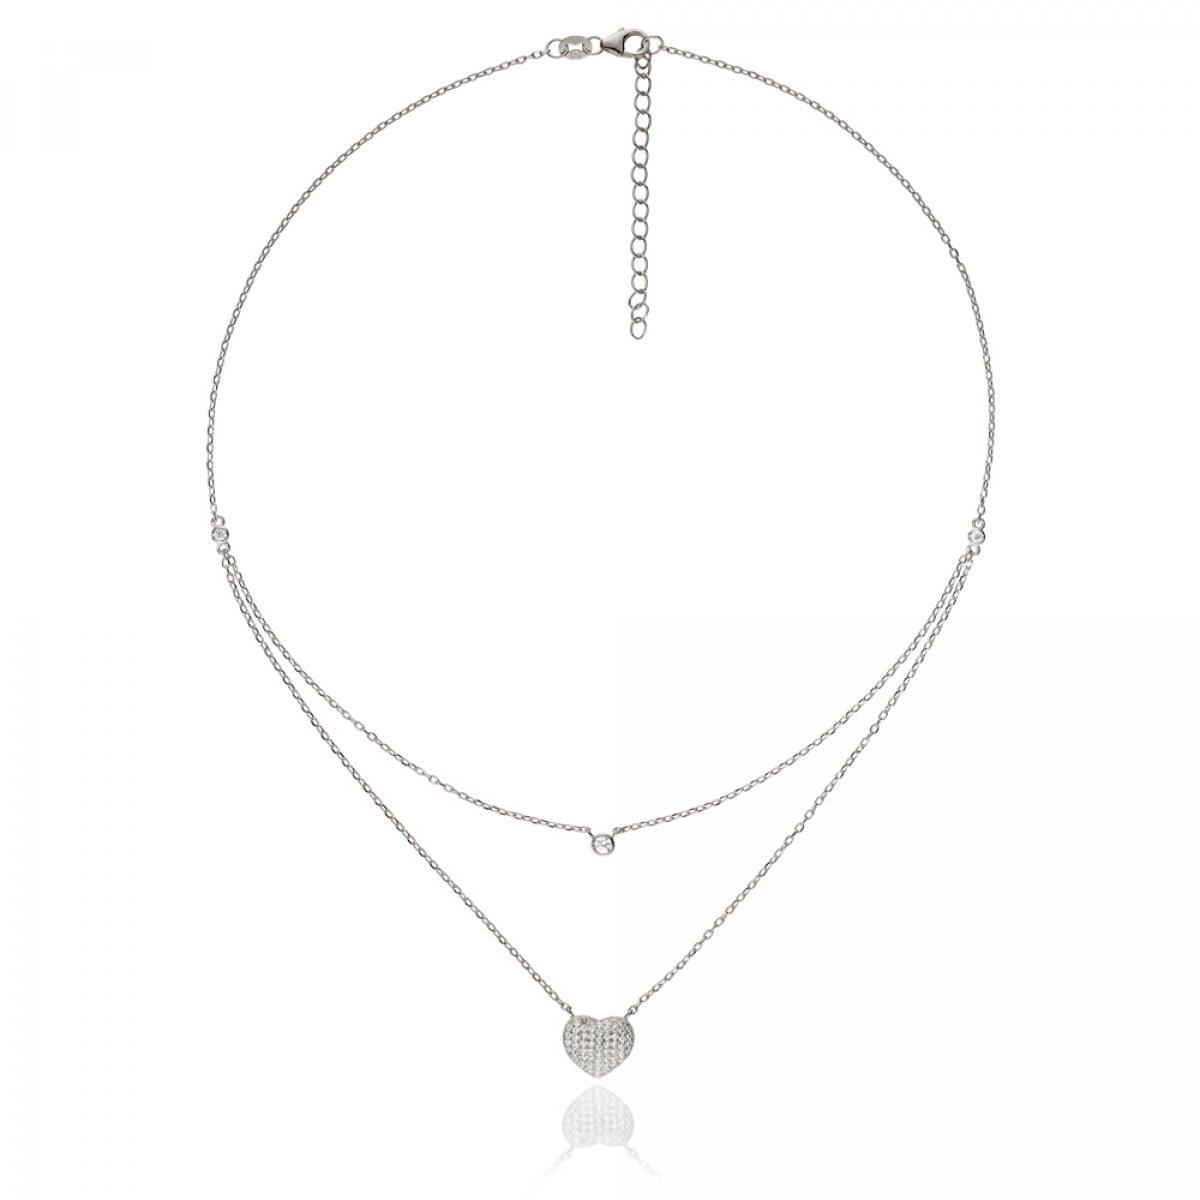 2b31e7712 Strieborný náhrdelník FOLLI FOLLIE so srdiečkom s krištáľmi 3N15S073C |  MOLOKO